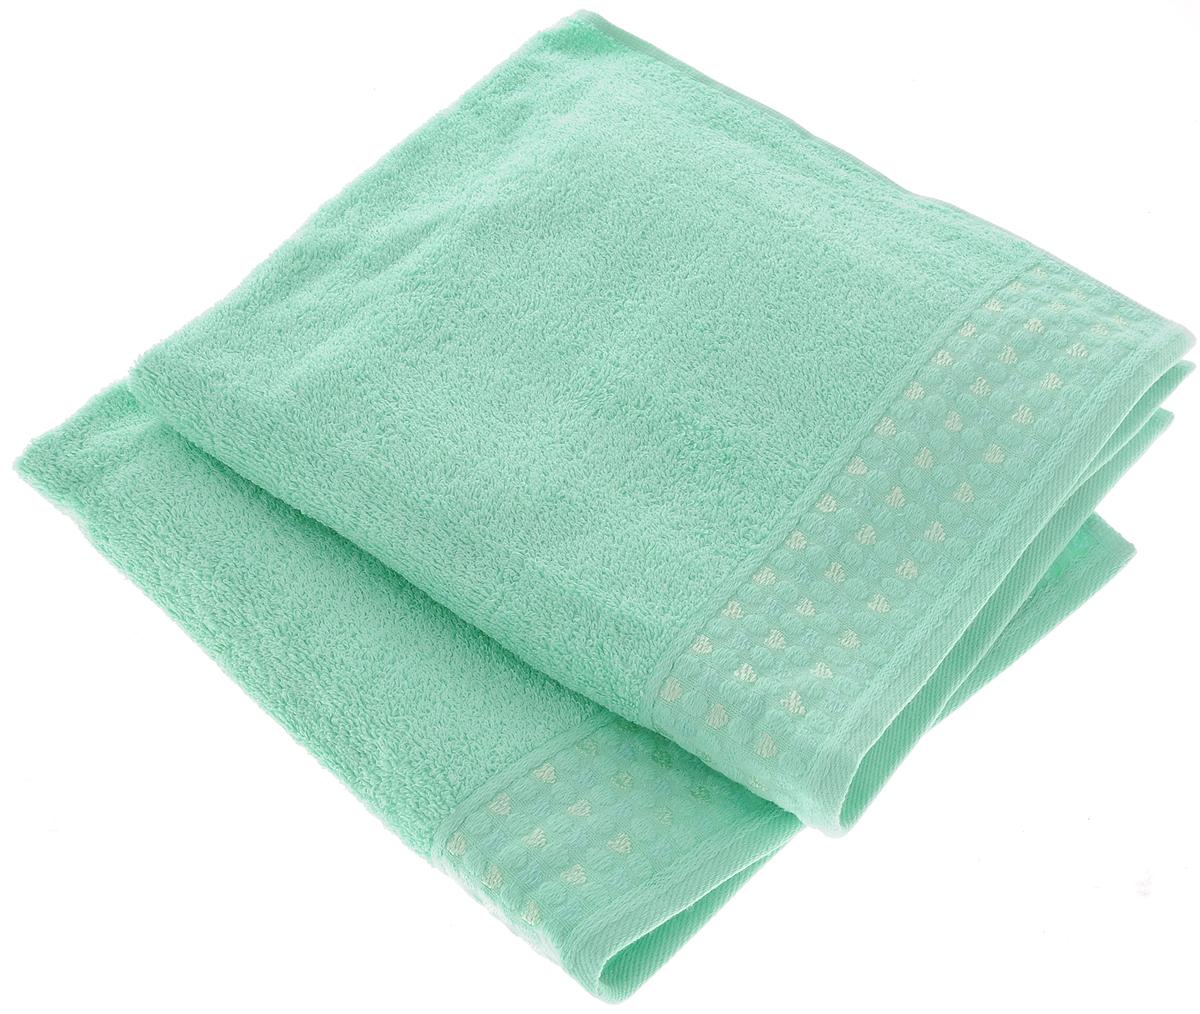 Набор полотенец Tete-a-Tete Сердечки, цвет: бирюза, 50 х 90 см, 2 штУНП-007-02-2кНабор Tete-a-Tete Сердечки состоит из двух махровых полотенец, выполненных из натурального 100% хлопка. Бордюр полотенец декорирован рисунком сердечек. Изделия мягкие, отлично впитывают влагу, быстро сохнут, сохраняют яркость цвета и не теряют форму даже после многократных стирок. Полотенца Tete-a-Tete Сердечки очень практичны и неприхотливы в уходе. Они легко впишутся в любой интерьер благодаря своей нежной цветовой гамме. Набор упакован в красивую коробку и может послужить отличной идеей подарка. Размер полотенец: 50 х 90 см.